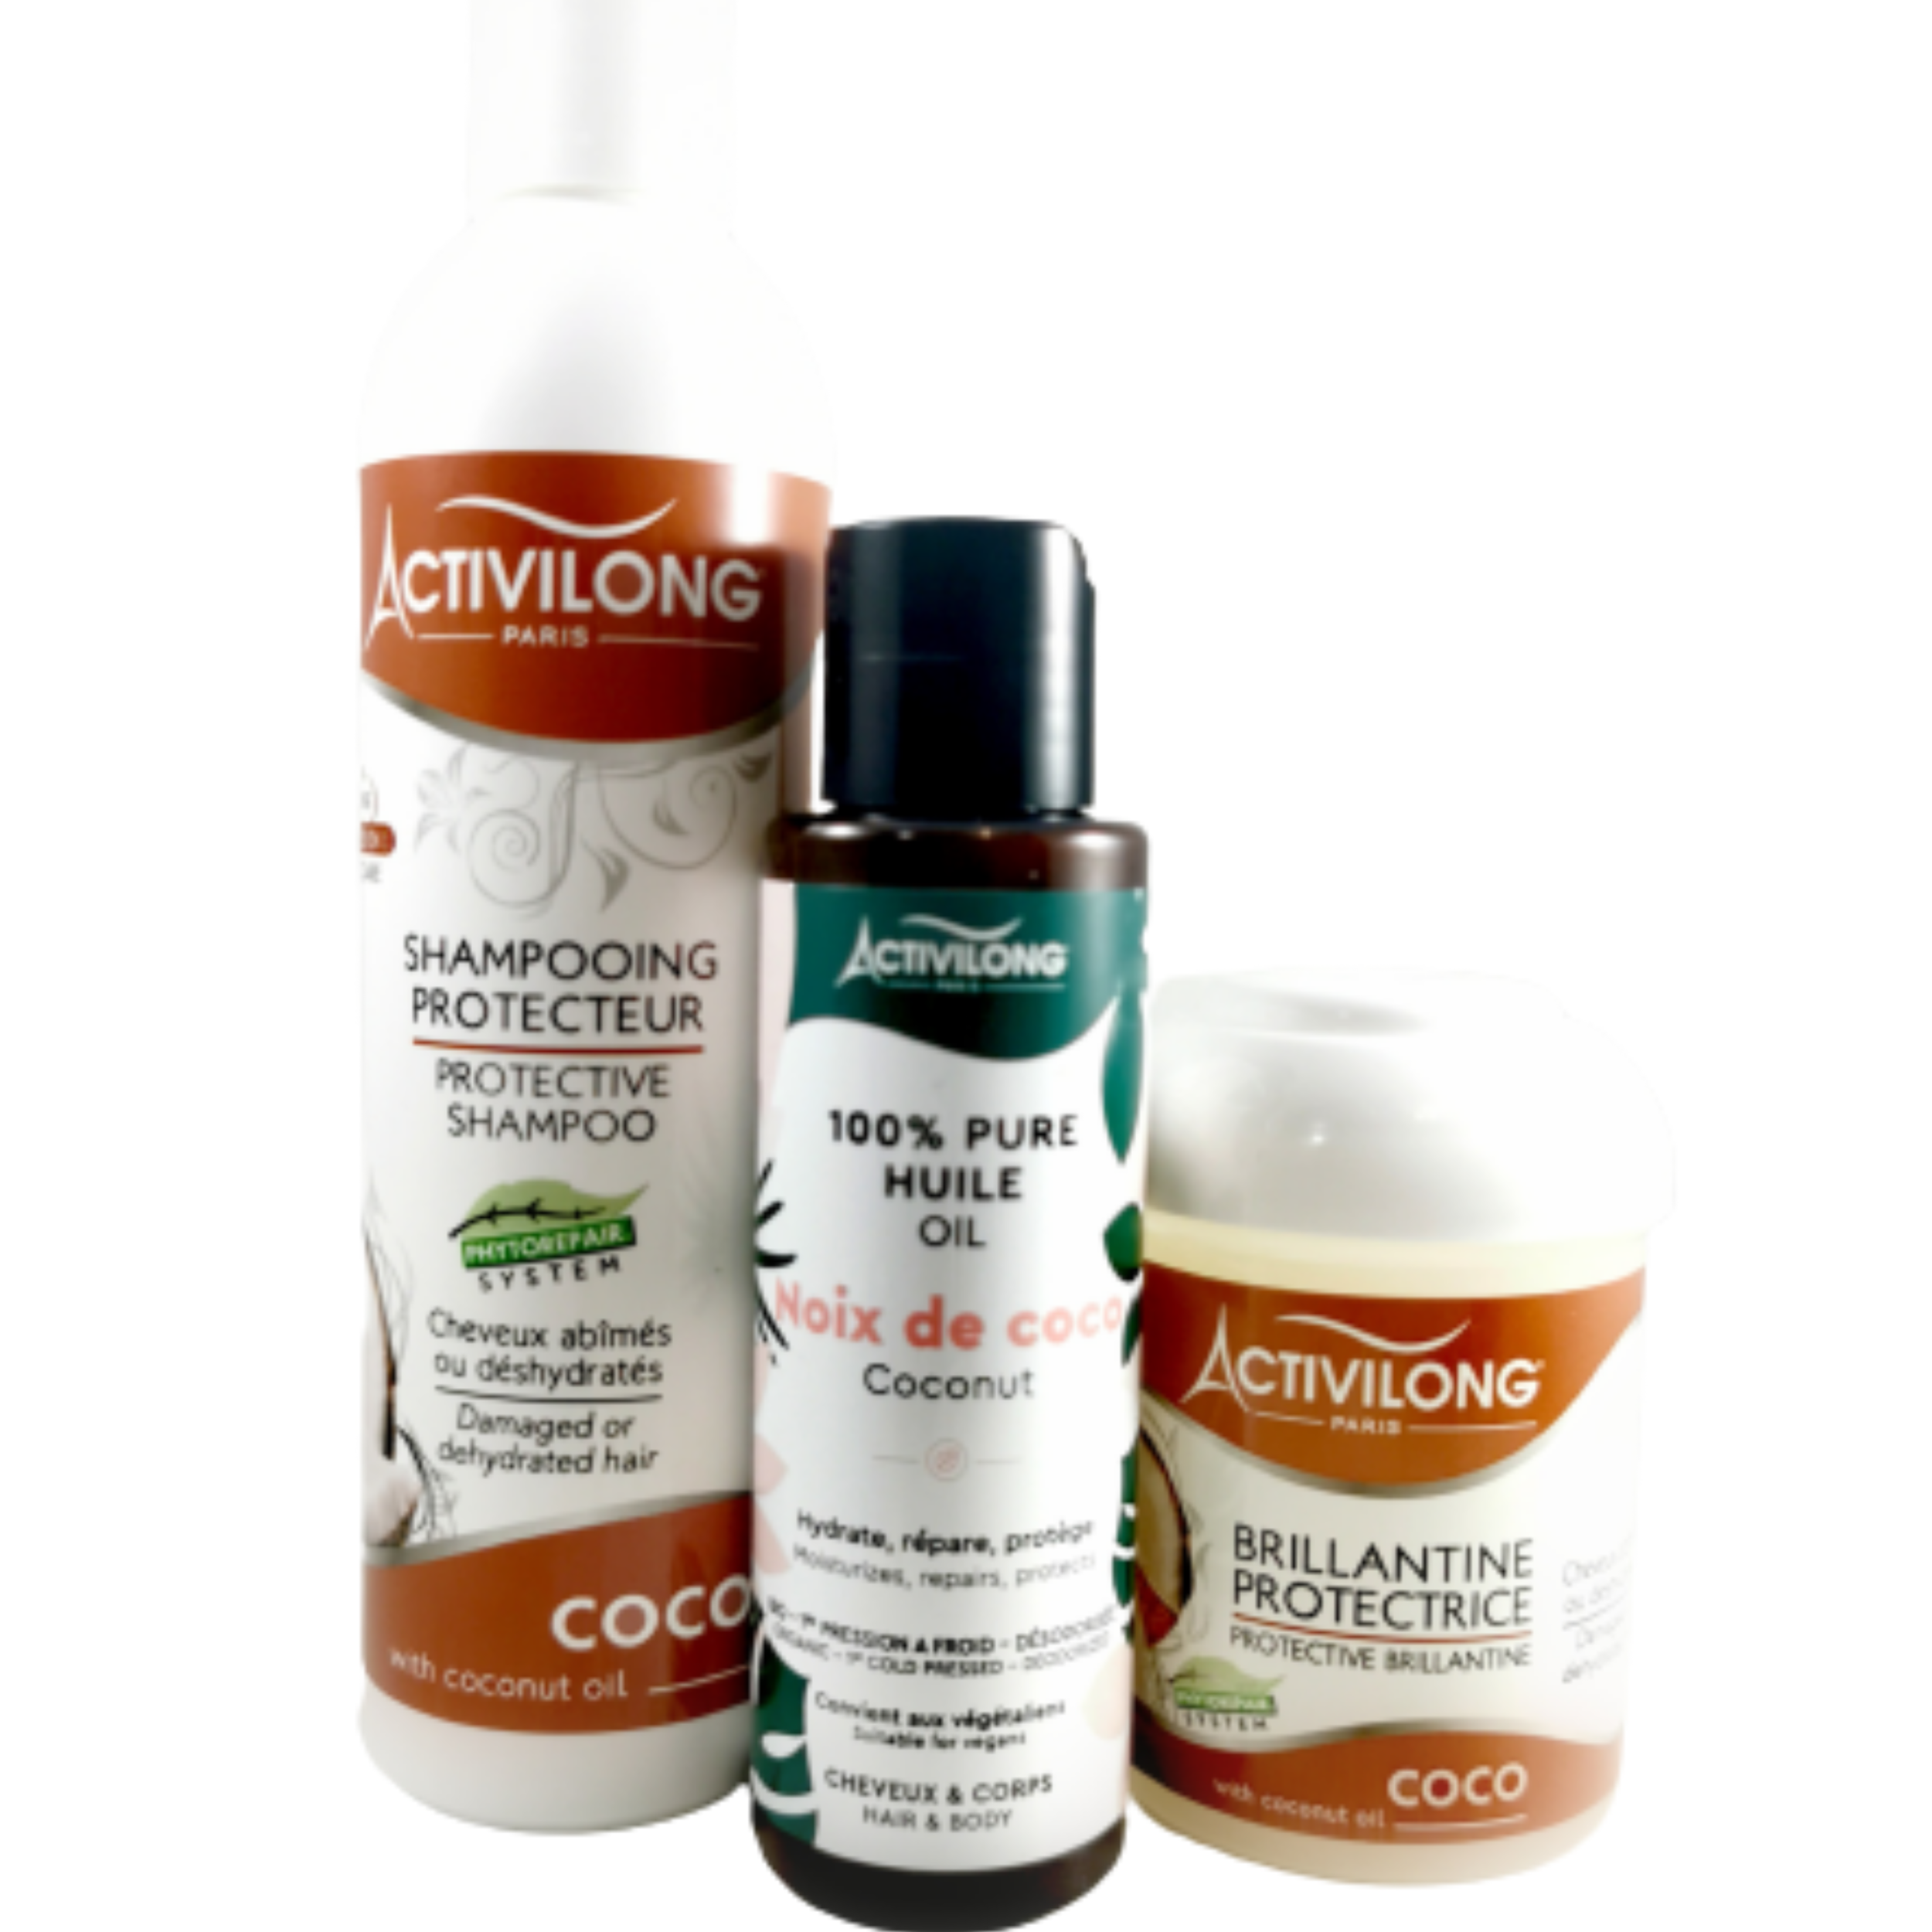 Box Hydratation à base de coco. Hydrate en profondeur et protège contre la casse - ACTIVILONG